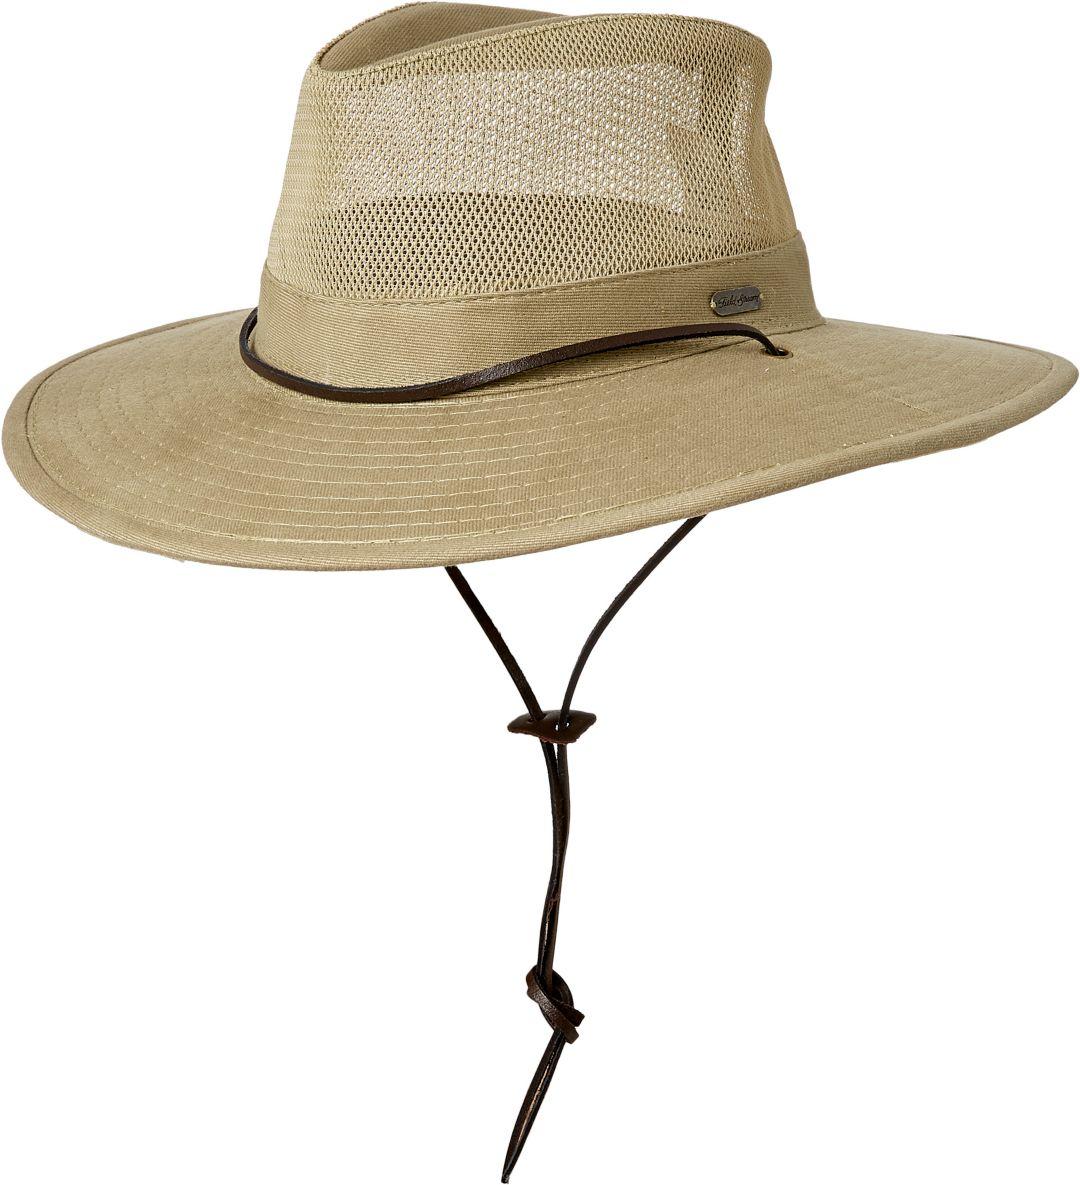 040a66a0a349a3 Field & Stream Men's Mesh Safari Hat | DICK'S Sporting Goods